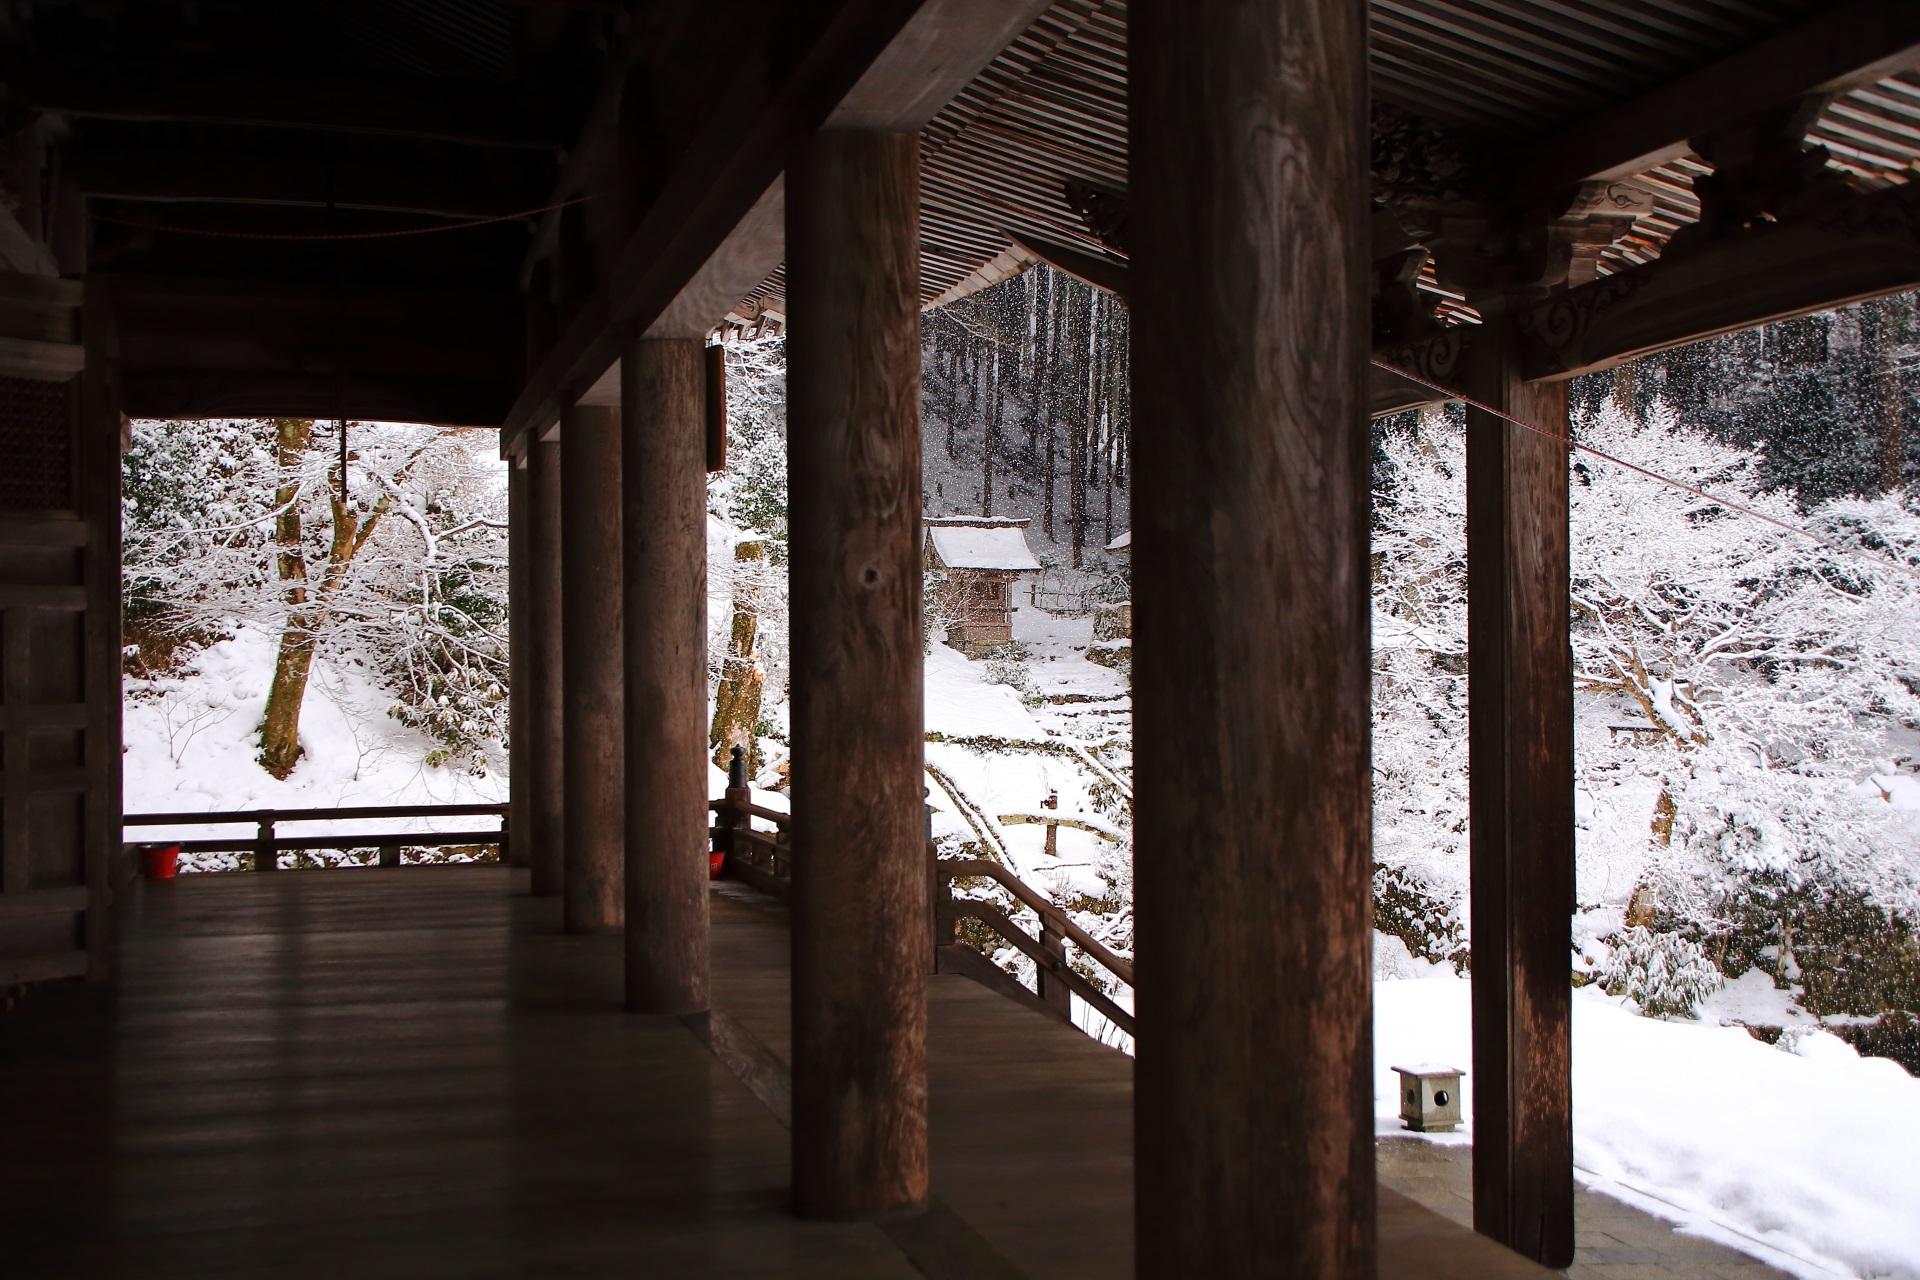 柱越しに眺めた本堂横の雪景色